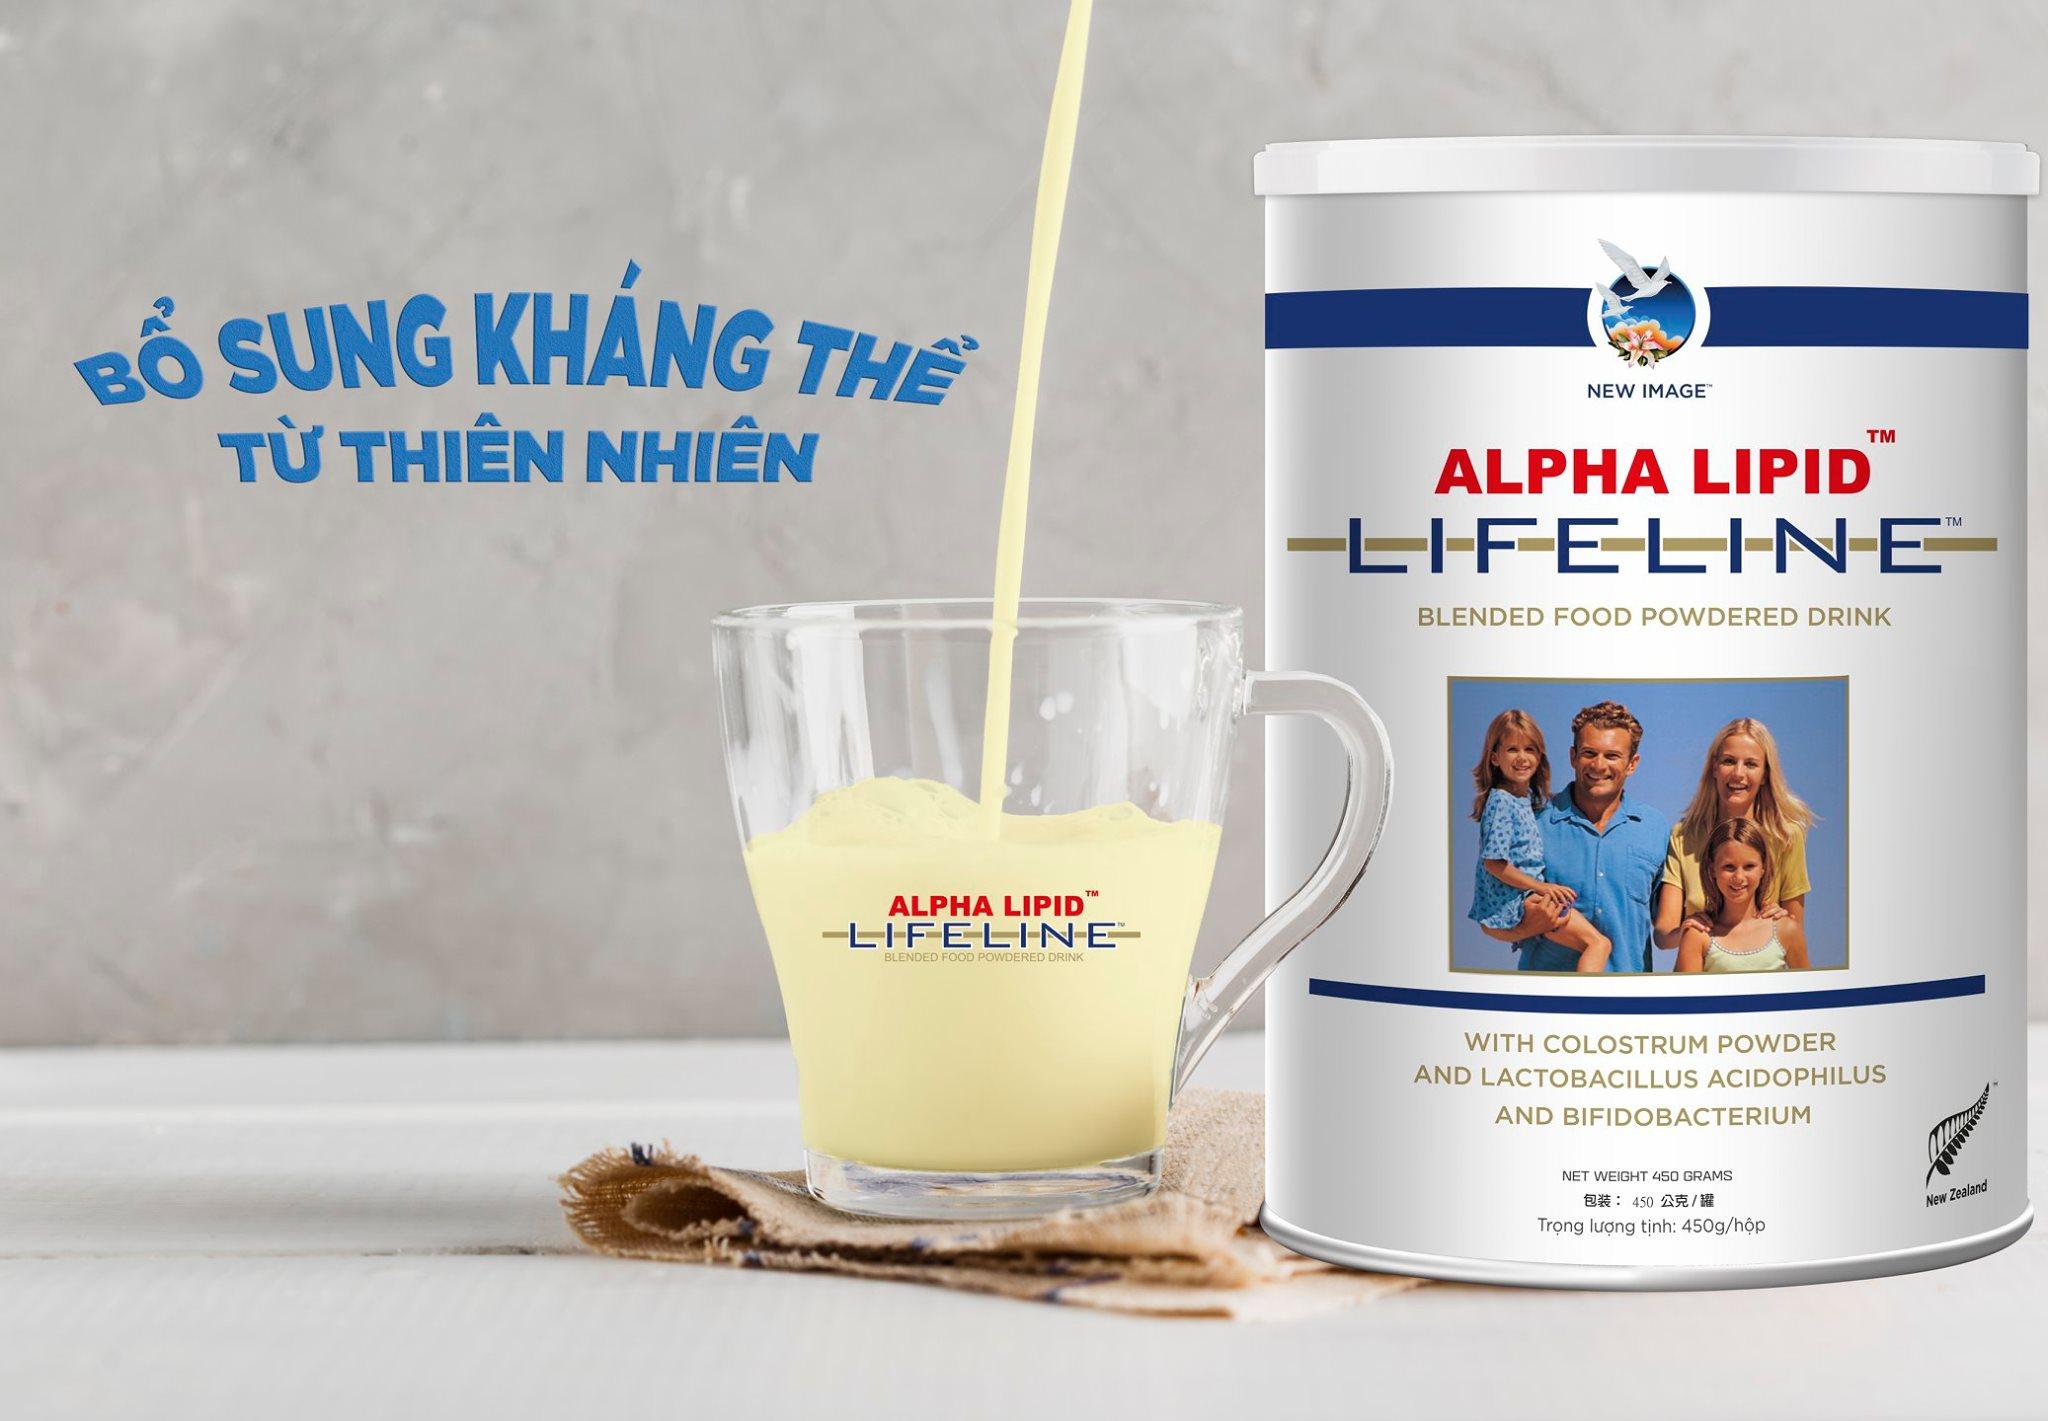 Sữa non Alpha Lipid giá bao nhiêu tại Việt Nam